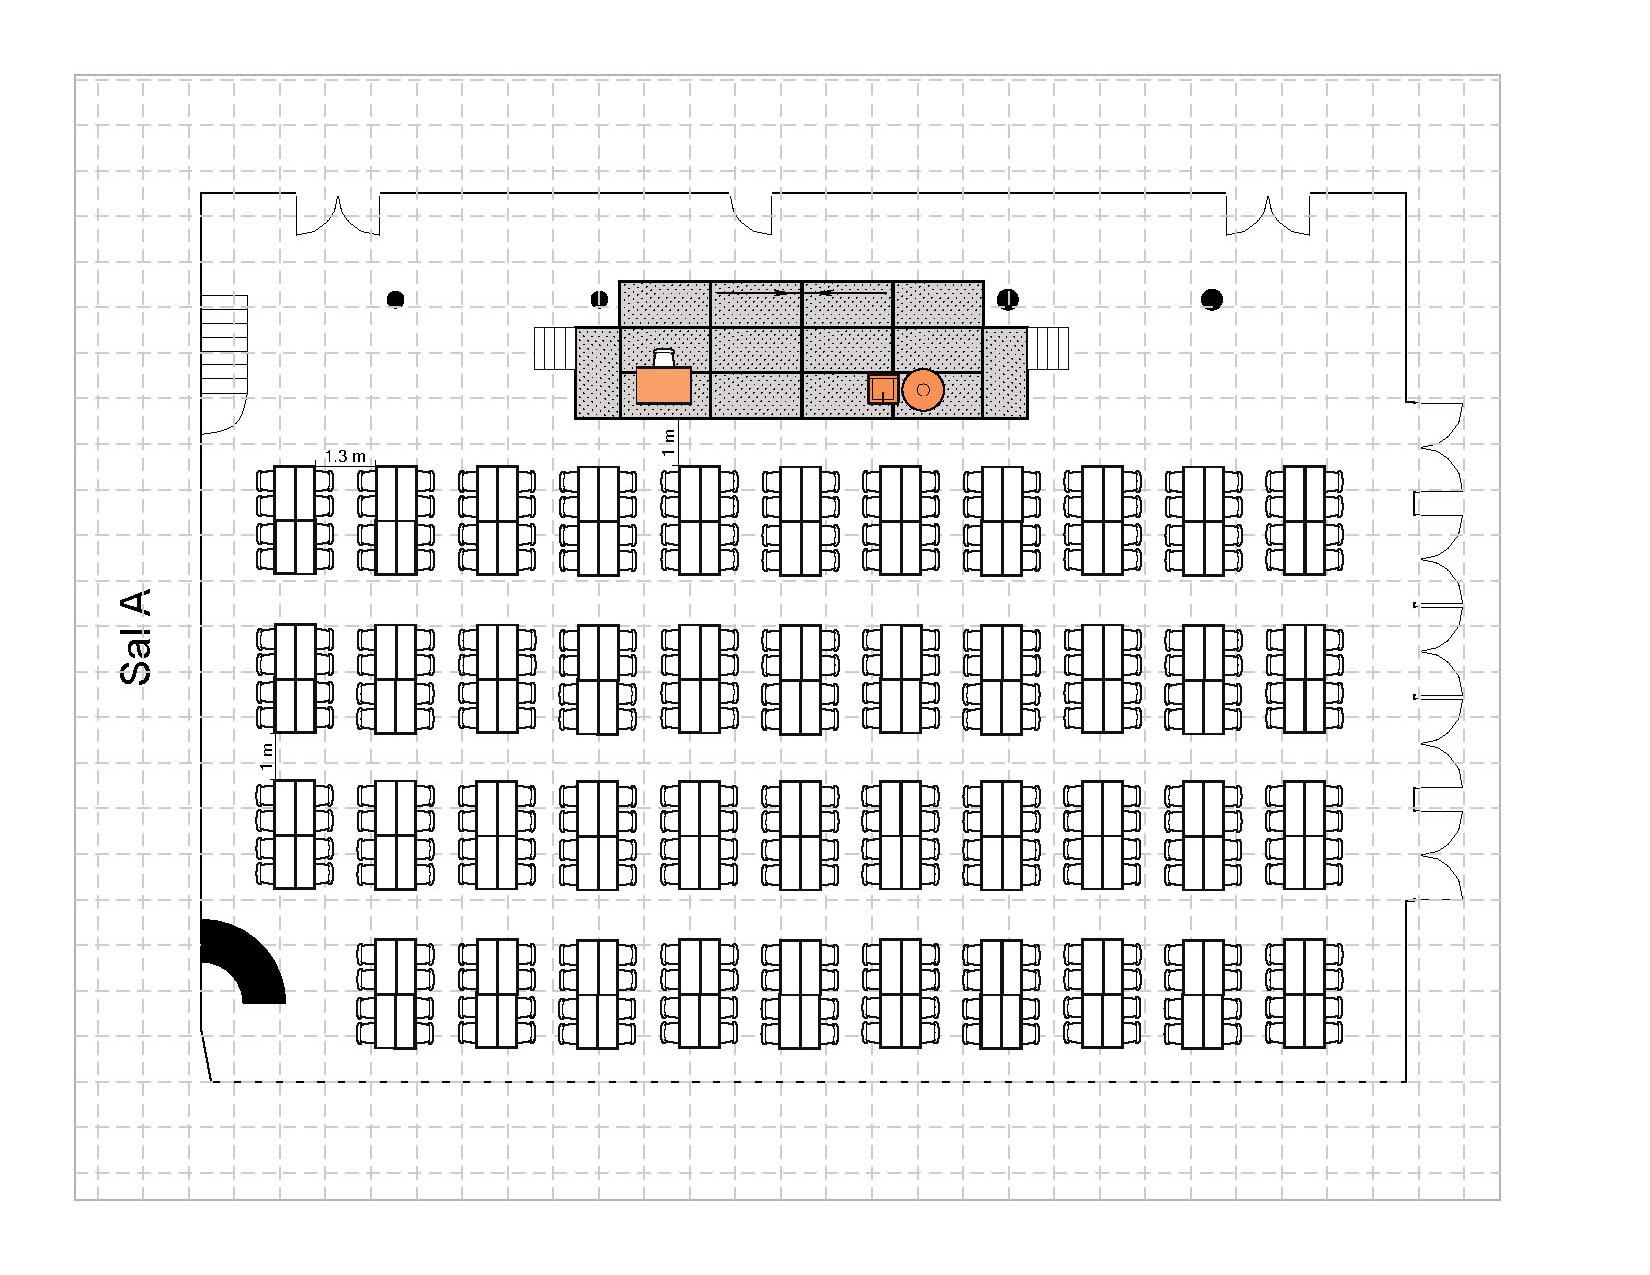 Gruppebord, 344 plasser